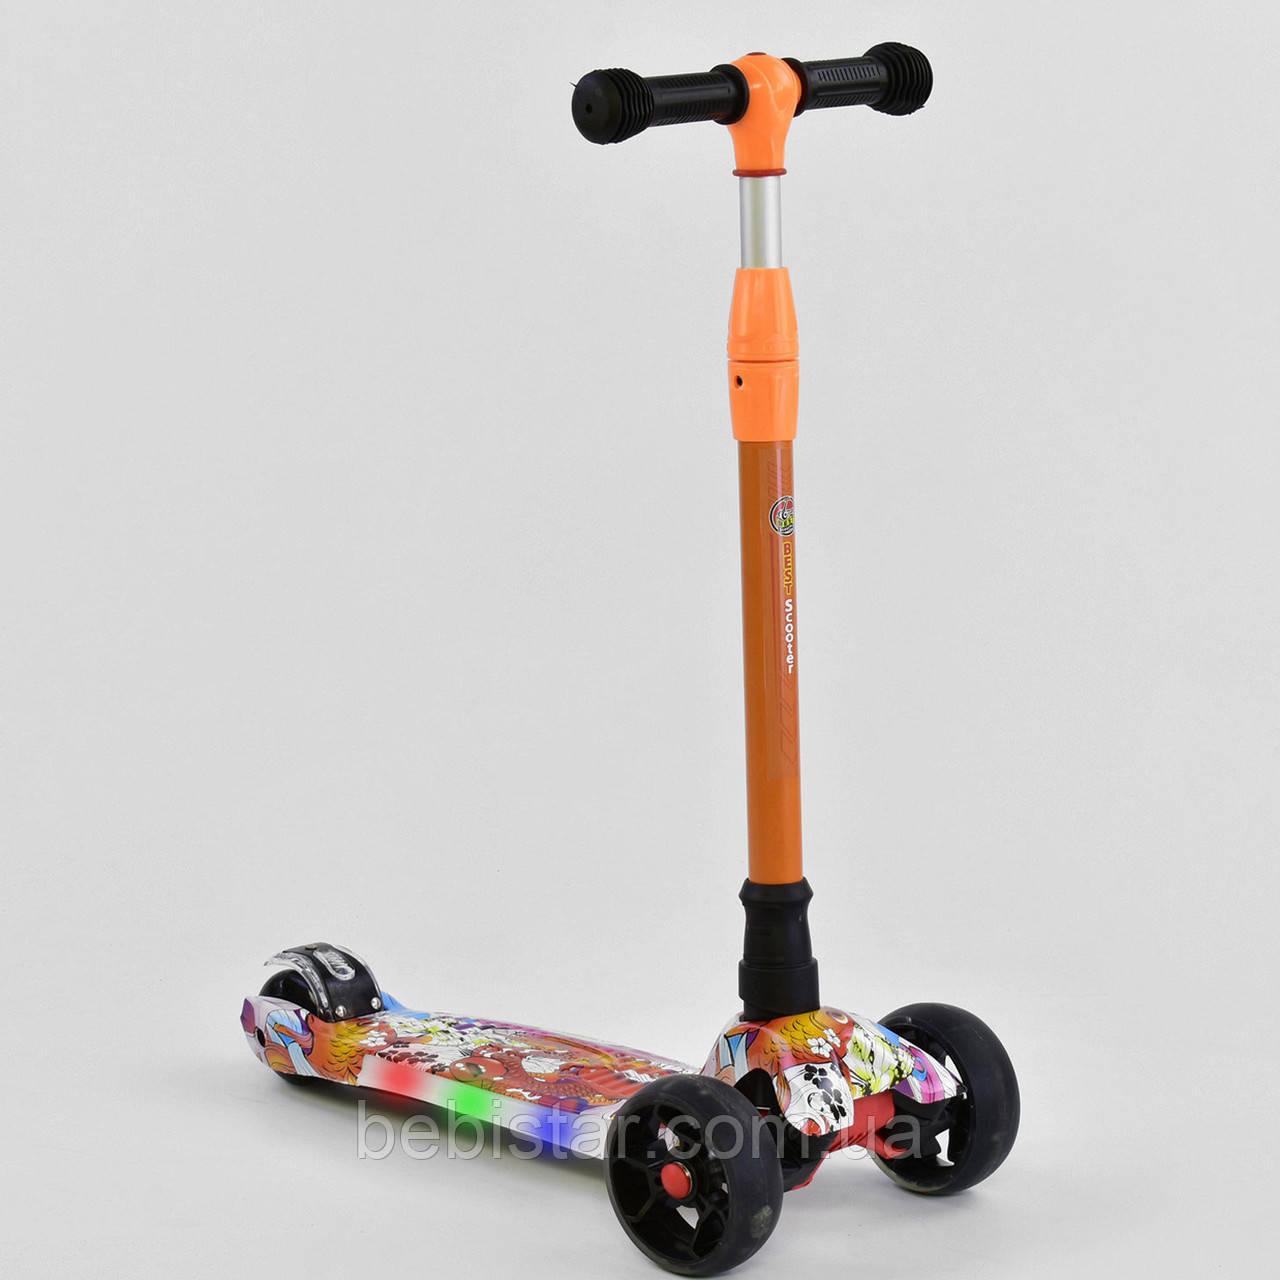 Трехколесный самокат оранжевый четыре колеса с подсветкой платформы и светящимися колесами деткам от 3 лет